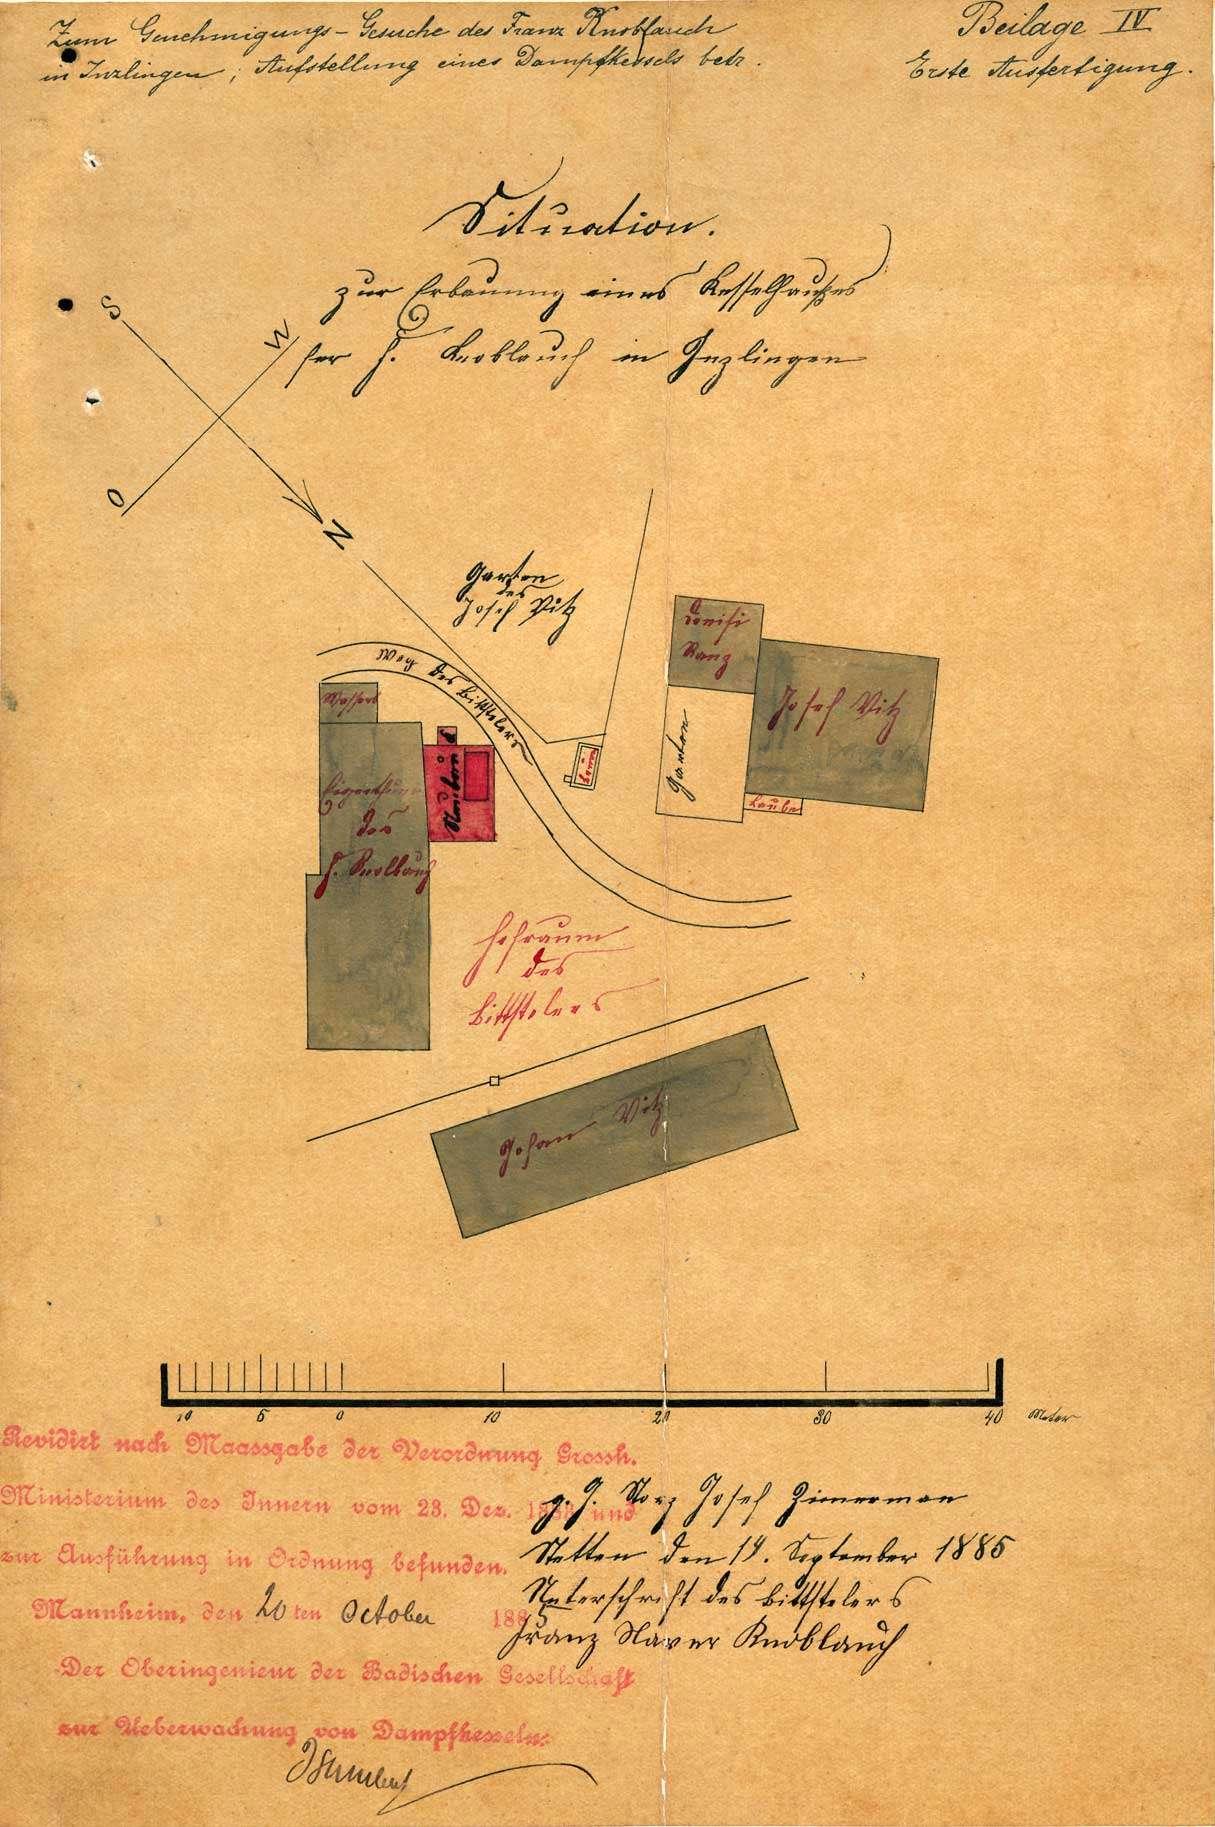 Gesuch des Xaver Knoblauch von Inzlingenum Erlaubnis zur Anlegung eines Dampfkessels, Bild 1